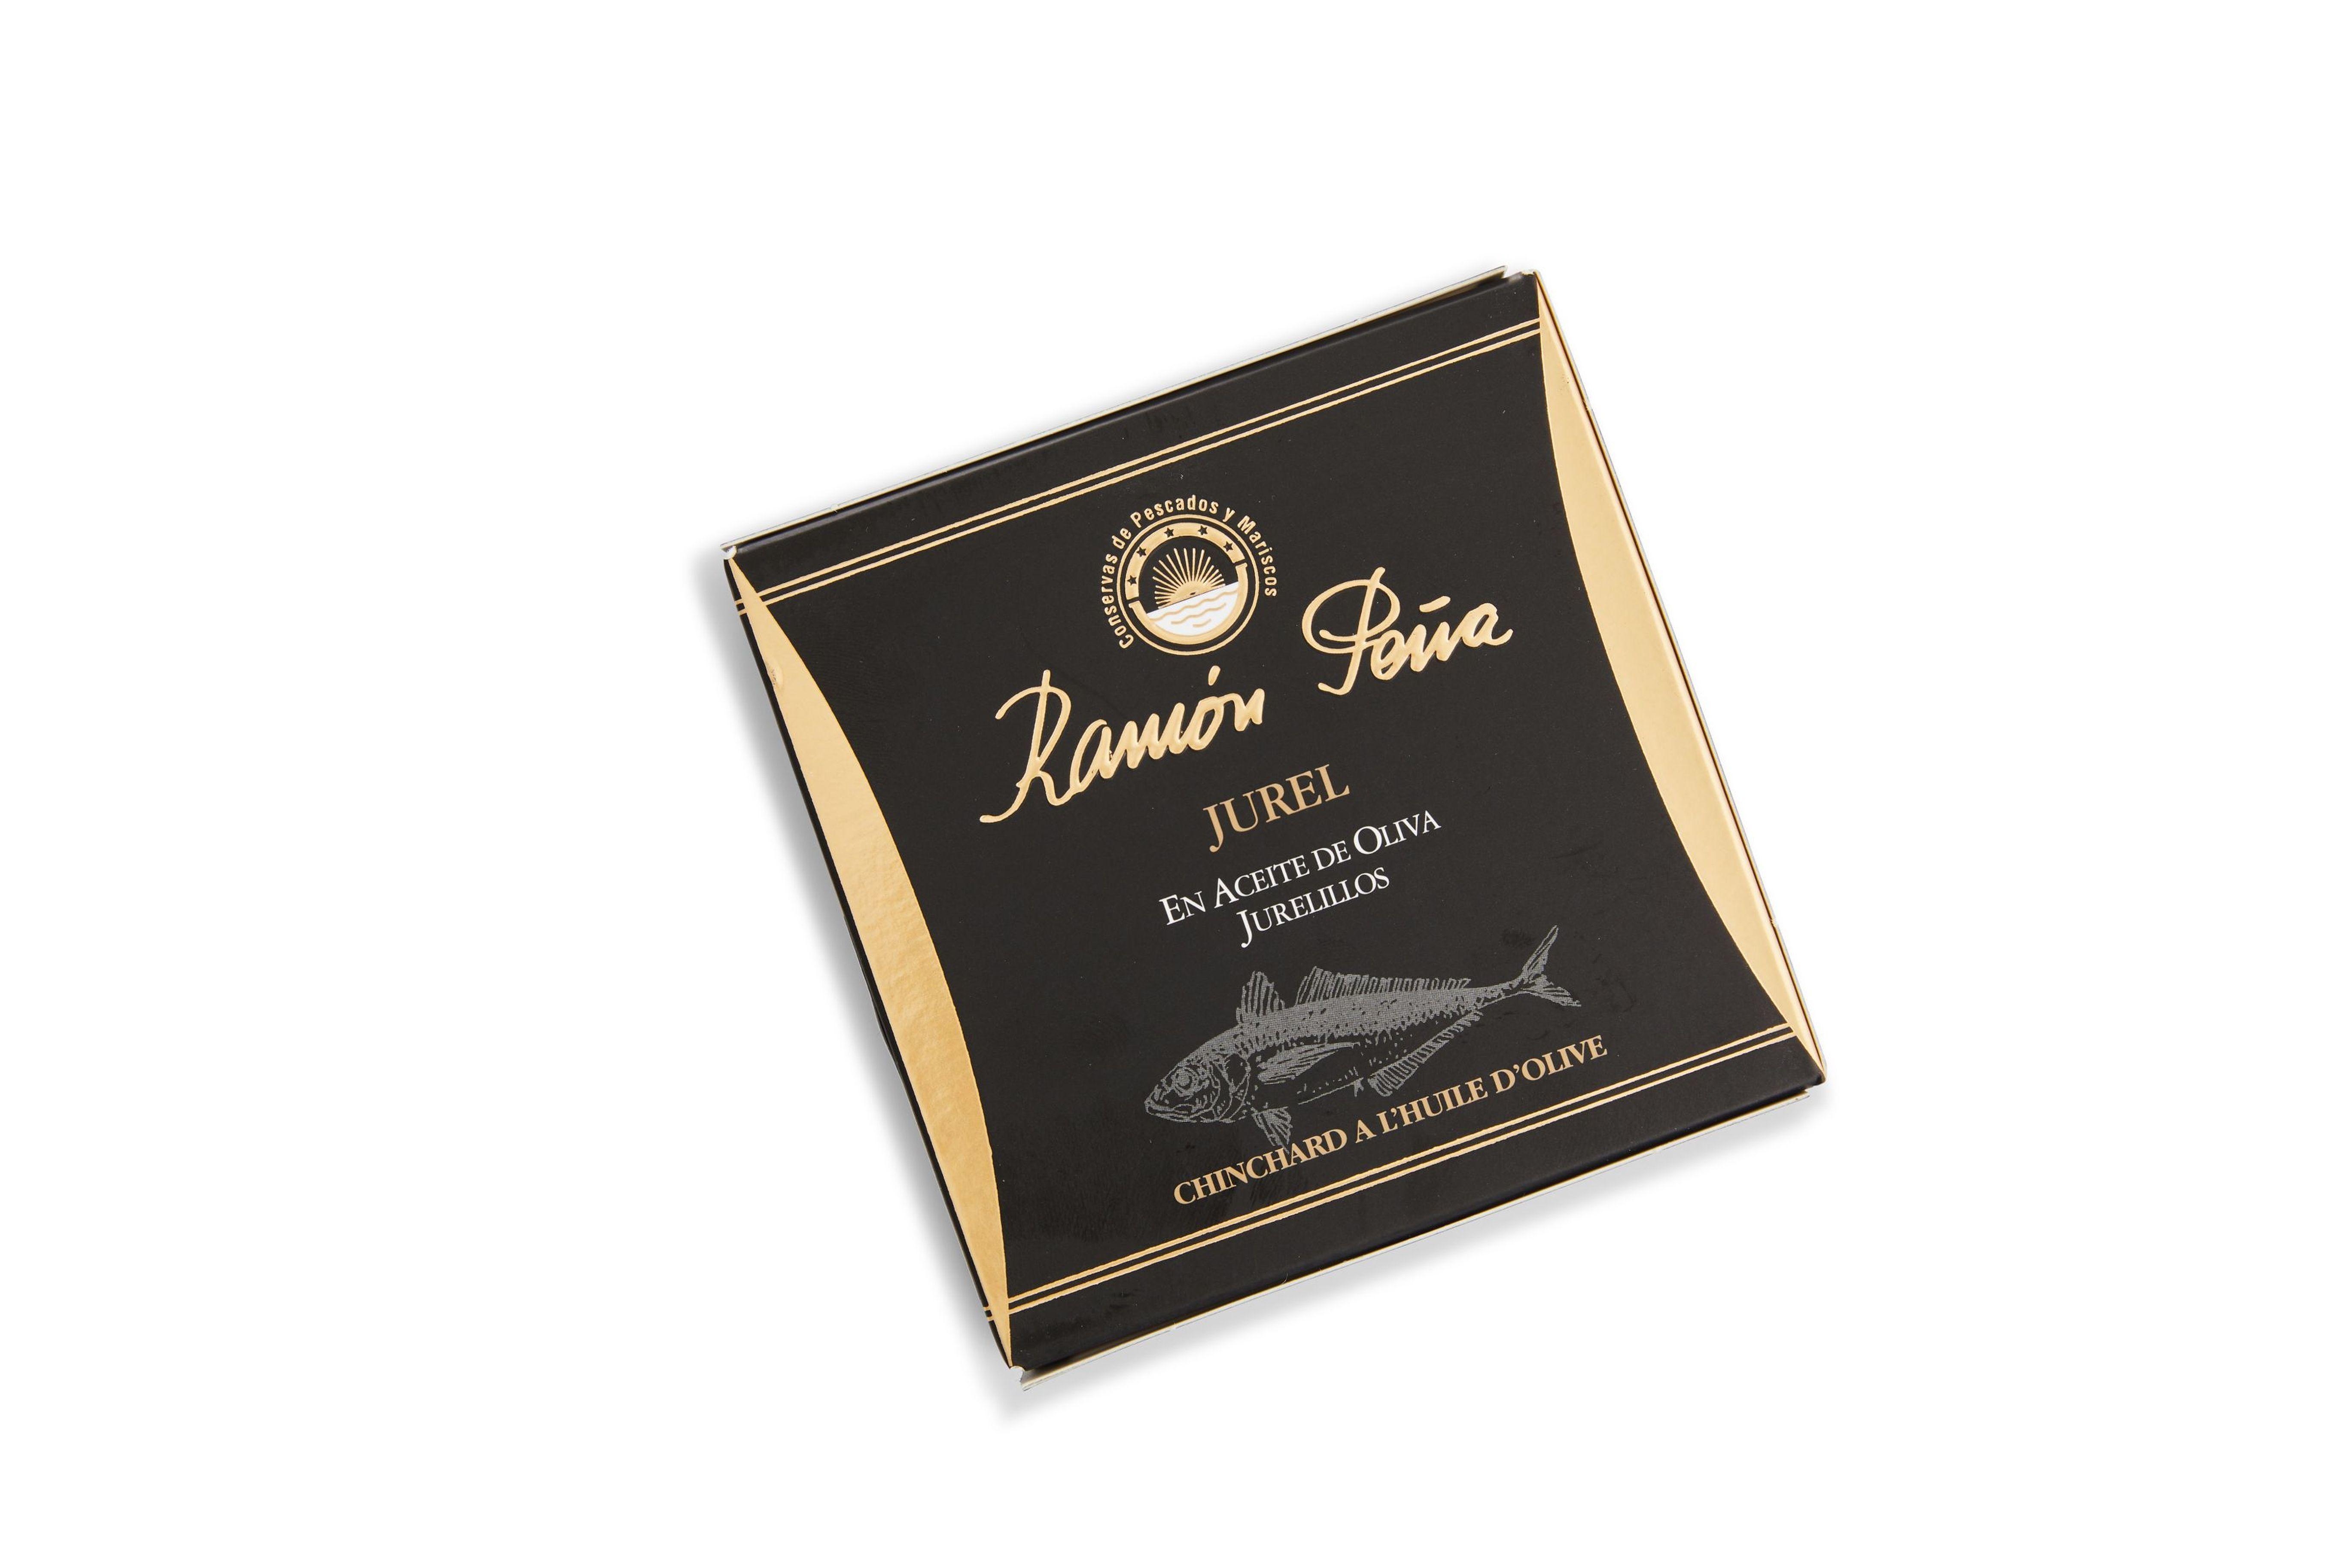 Sardines in Olive Oil 25/30 - Ramon Pena